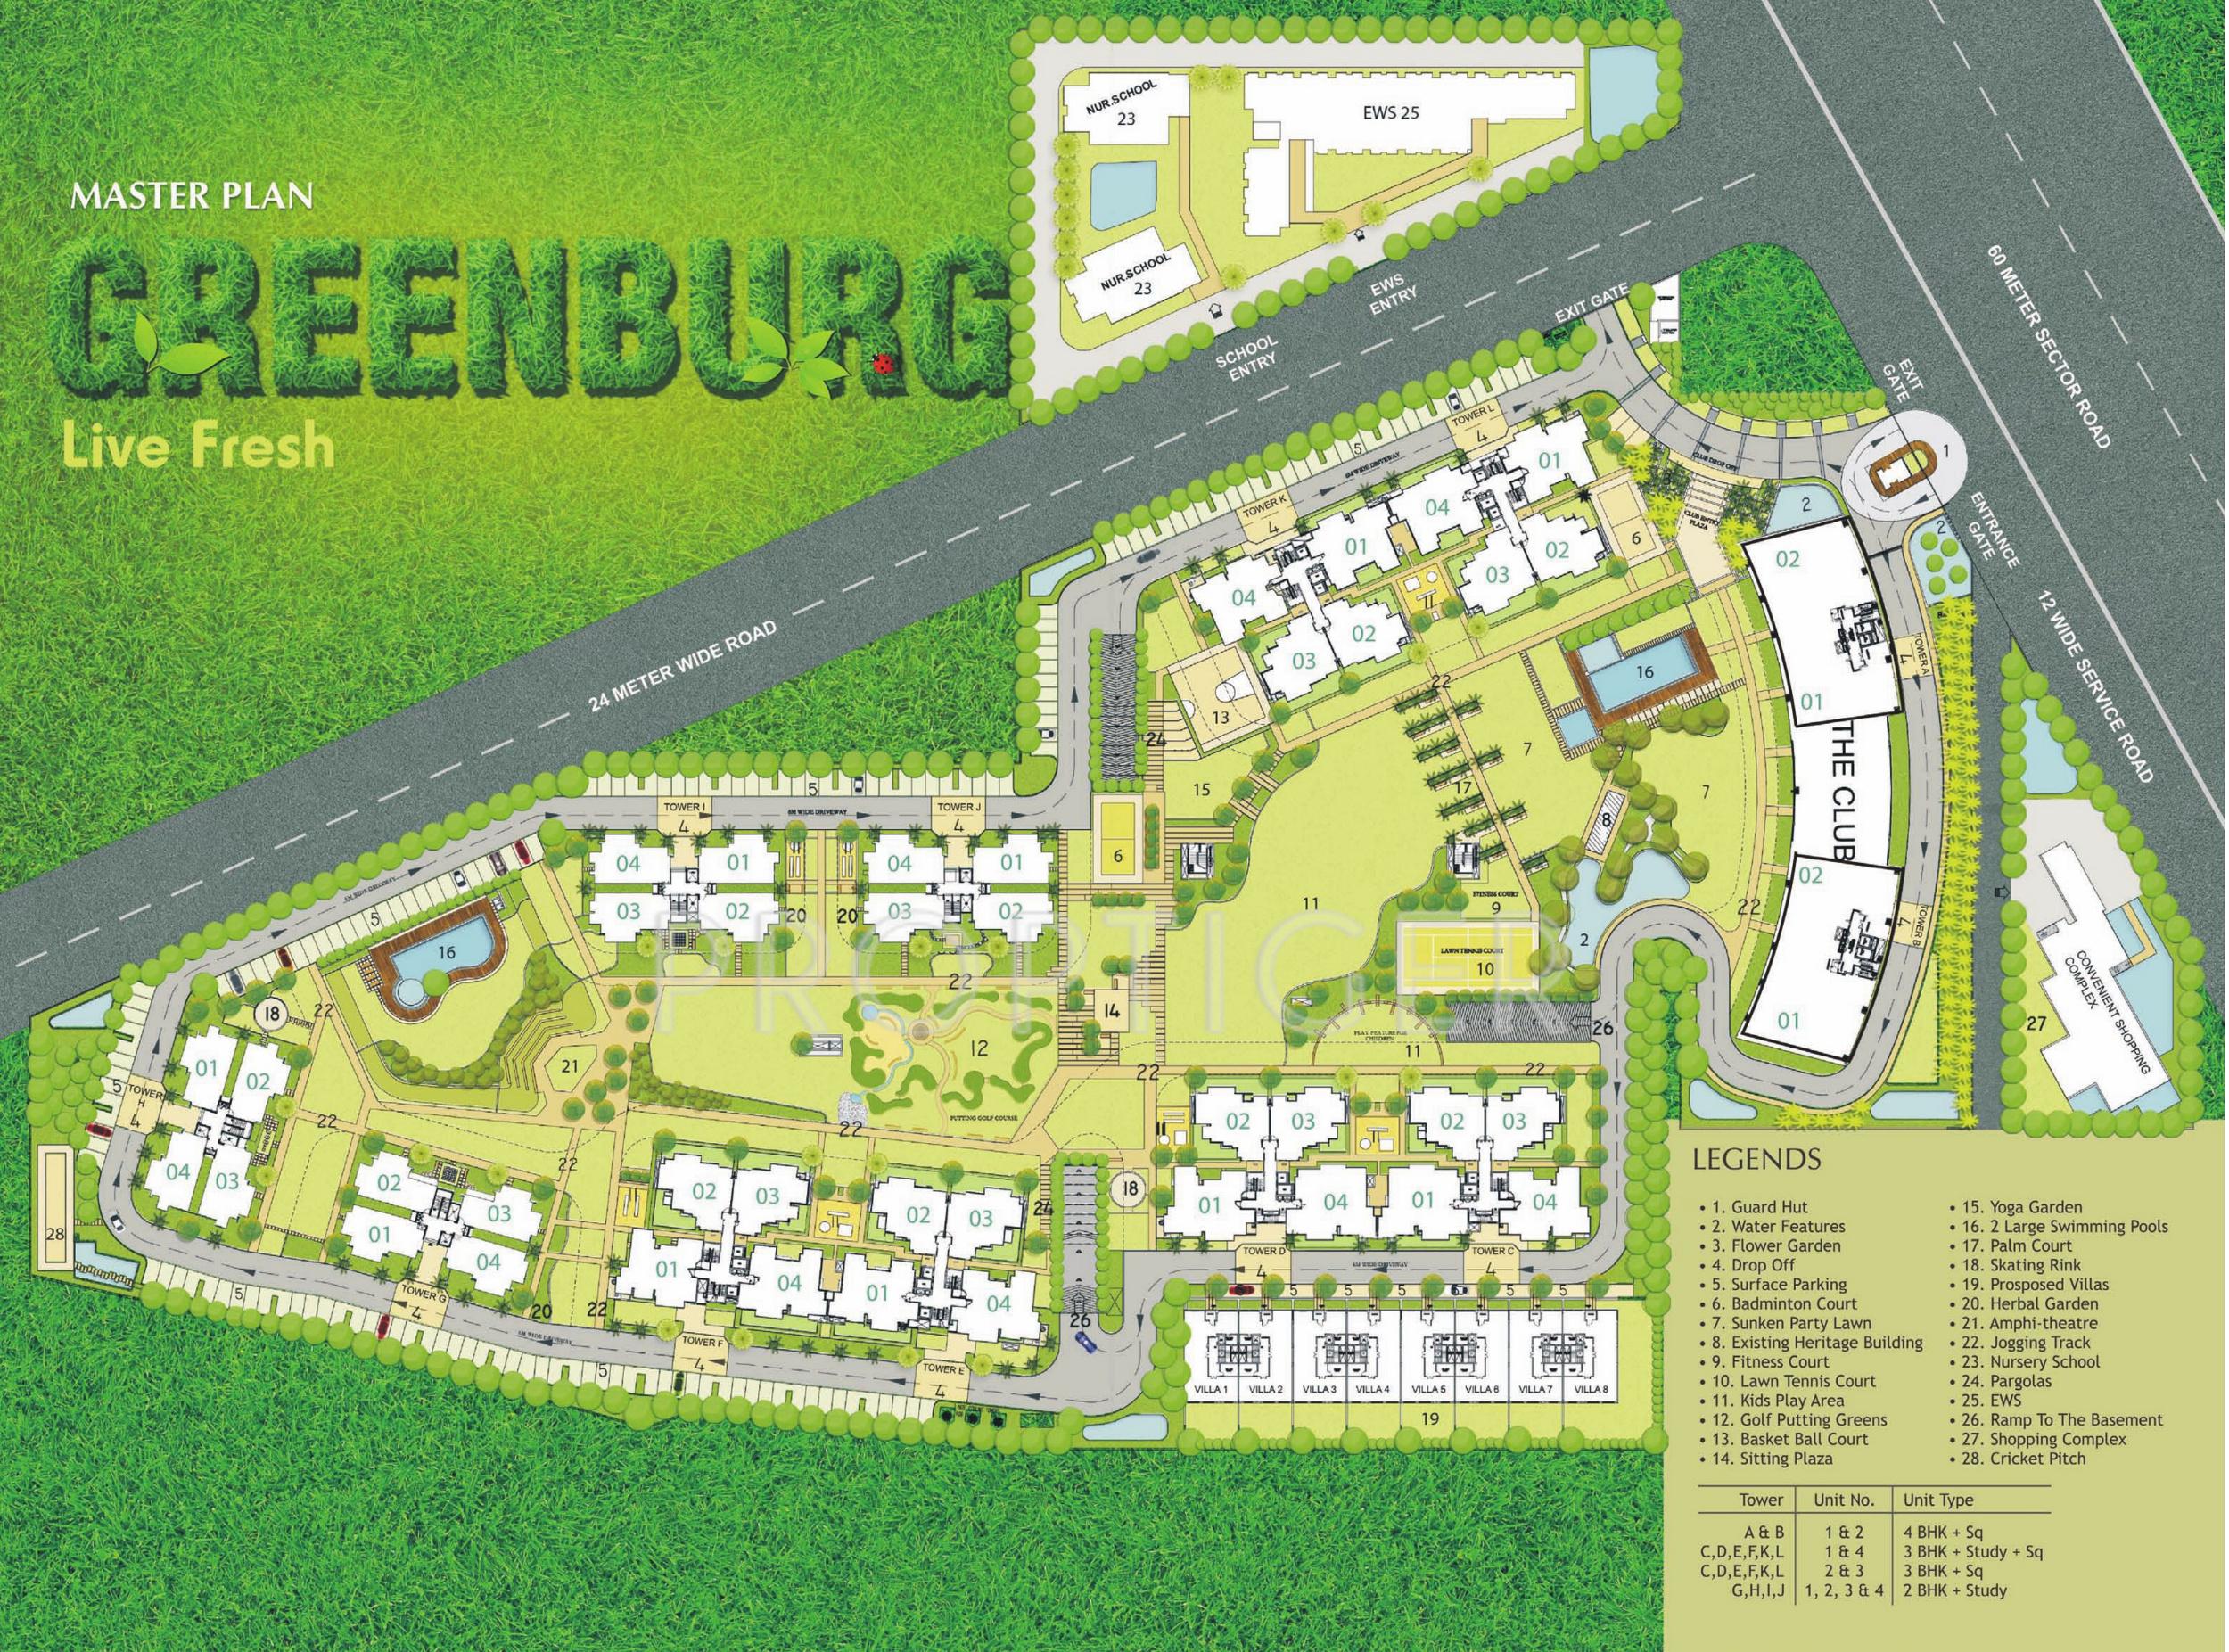 Microtek Greenburg Gurgaon Master Plan